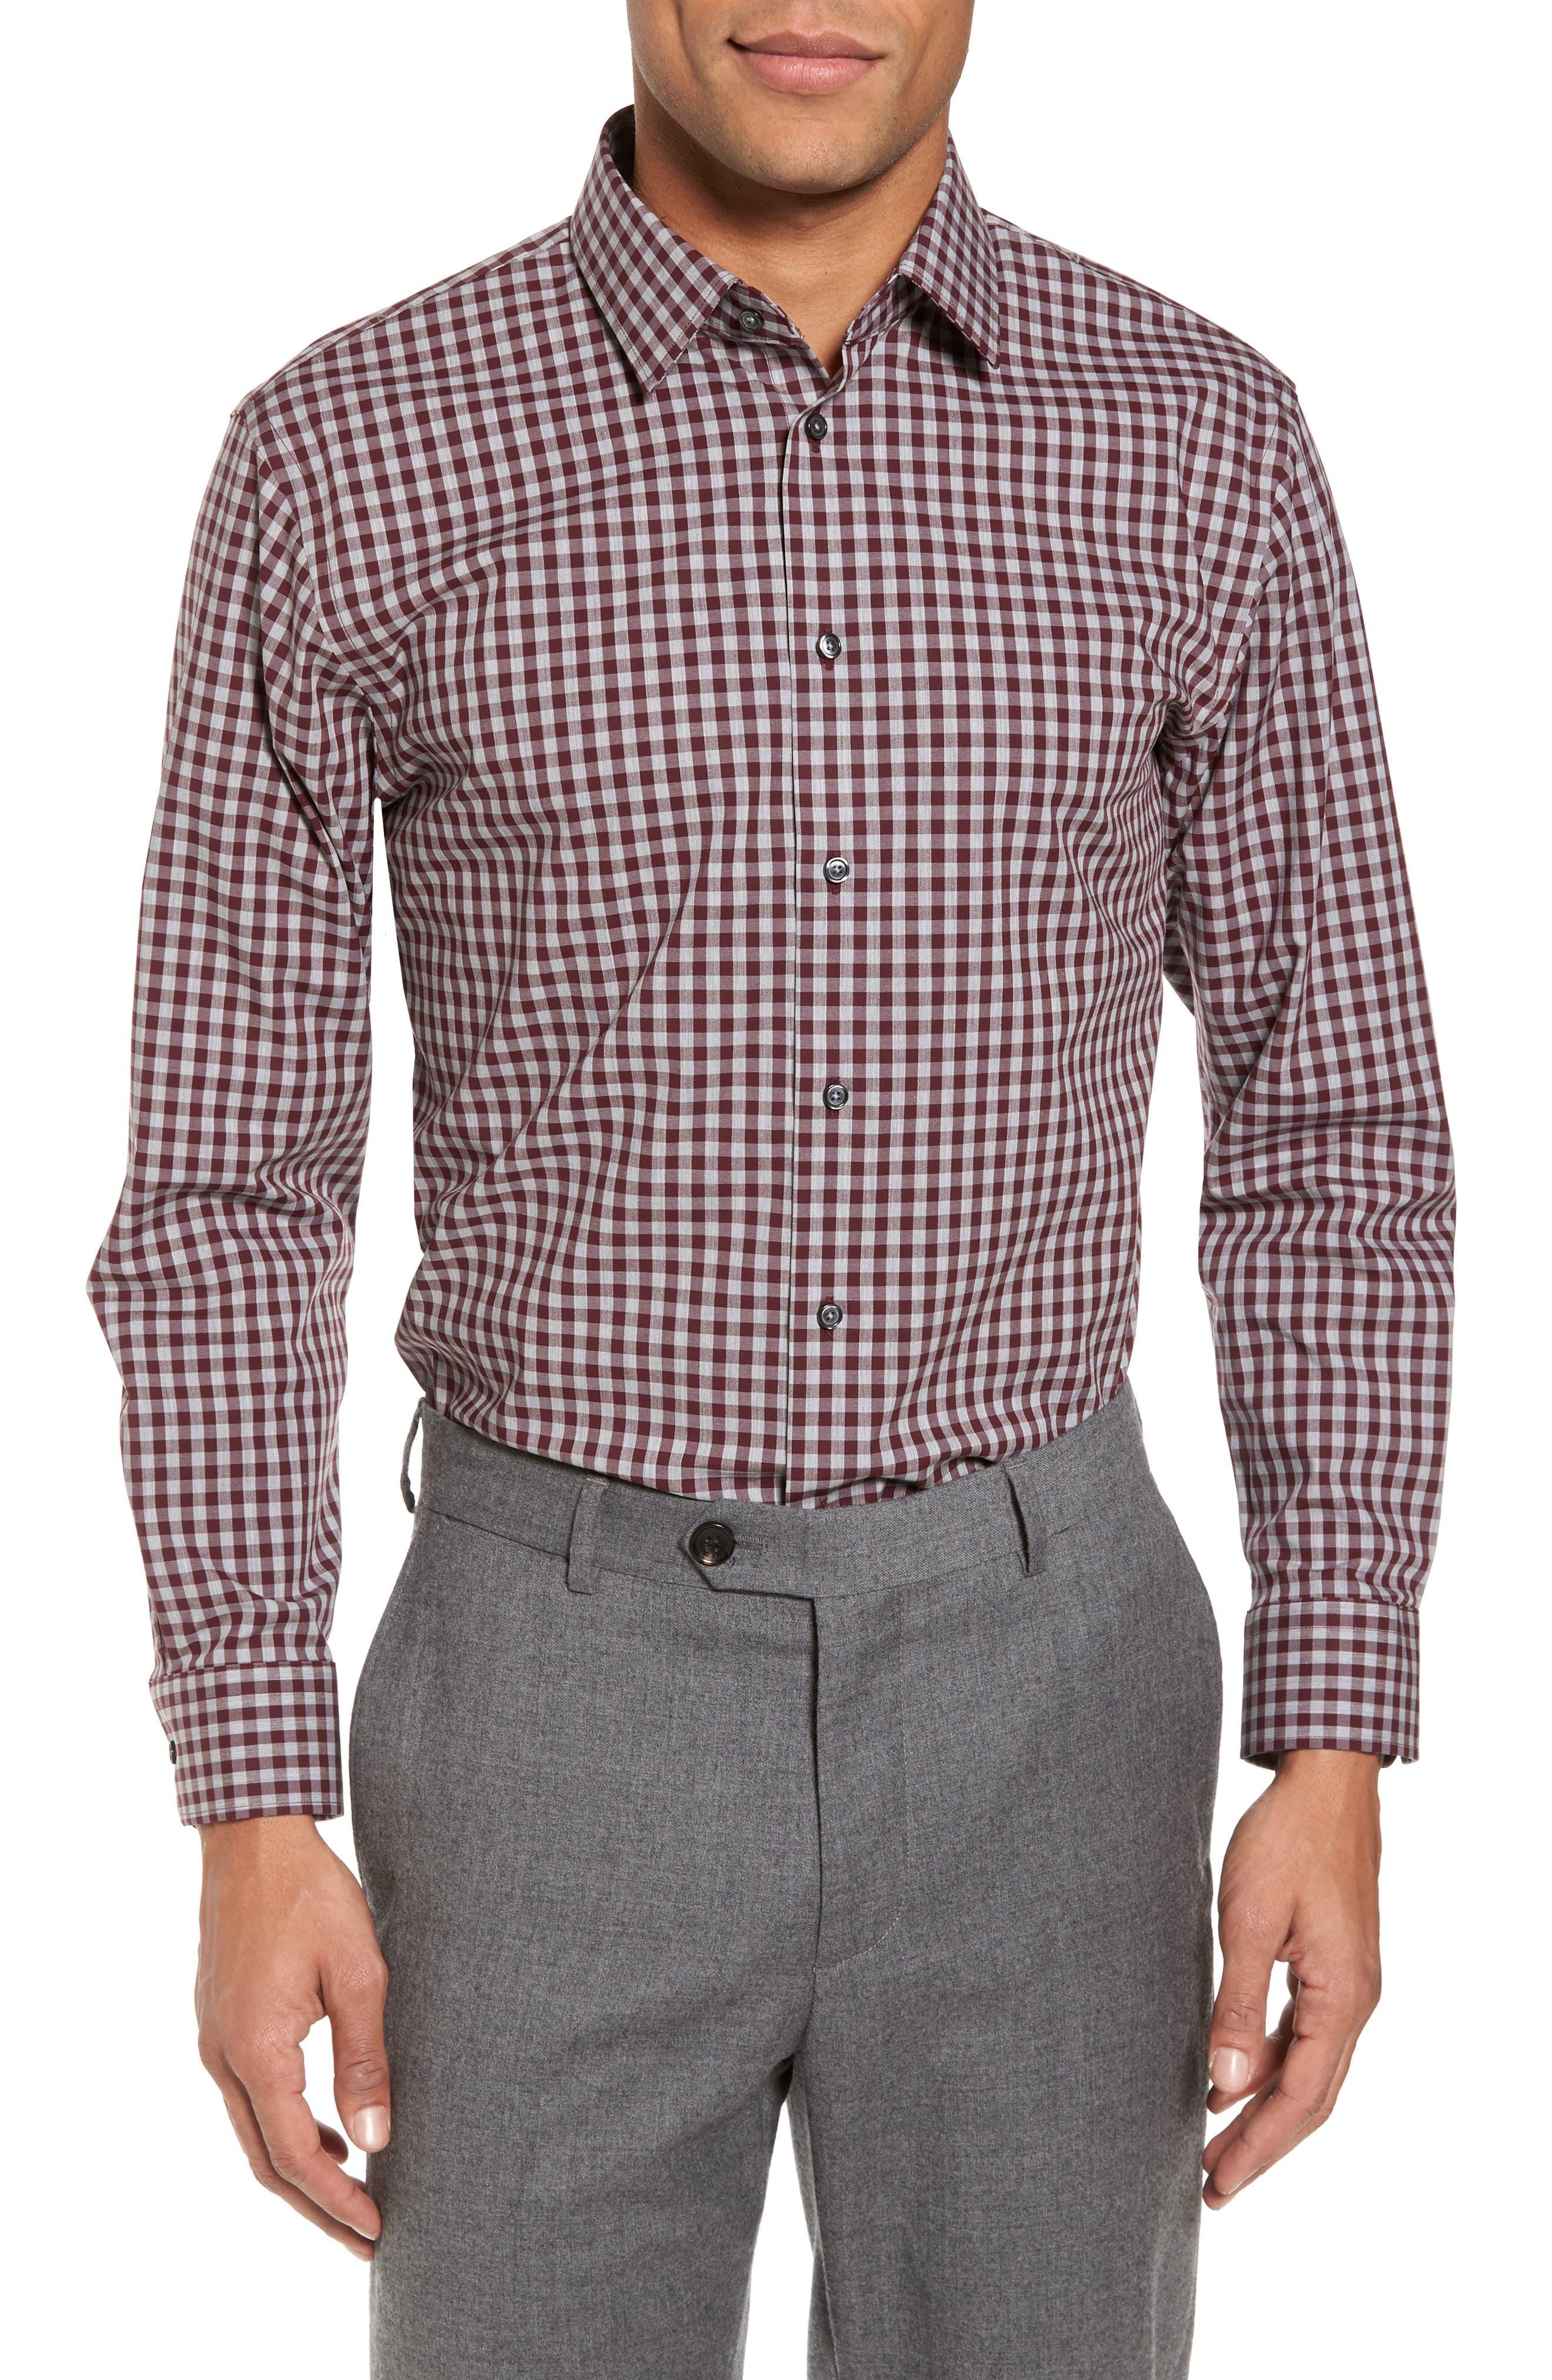 Alternate Image 2  - Calibrate Trim Fit No-Iron Check Stretch Dress Shirt